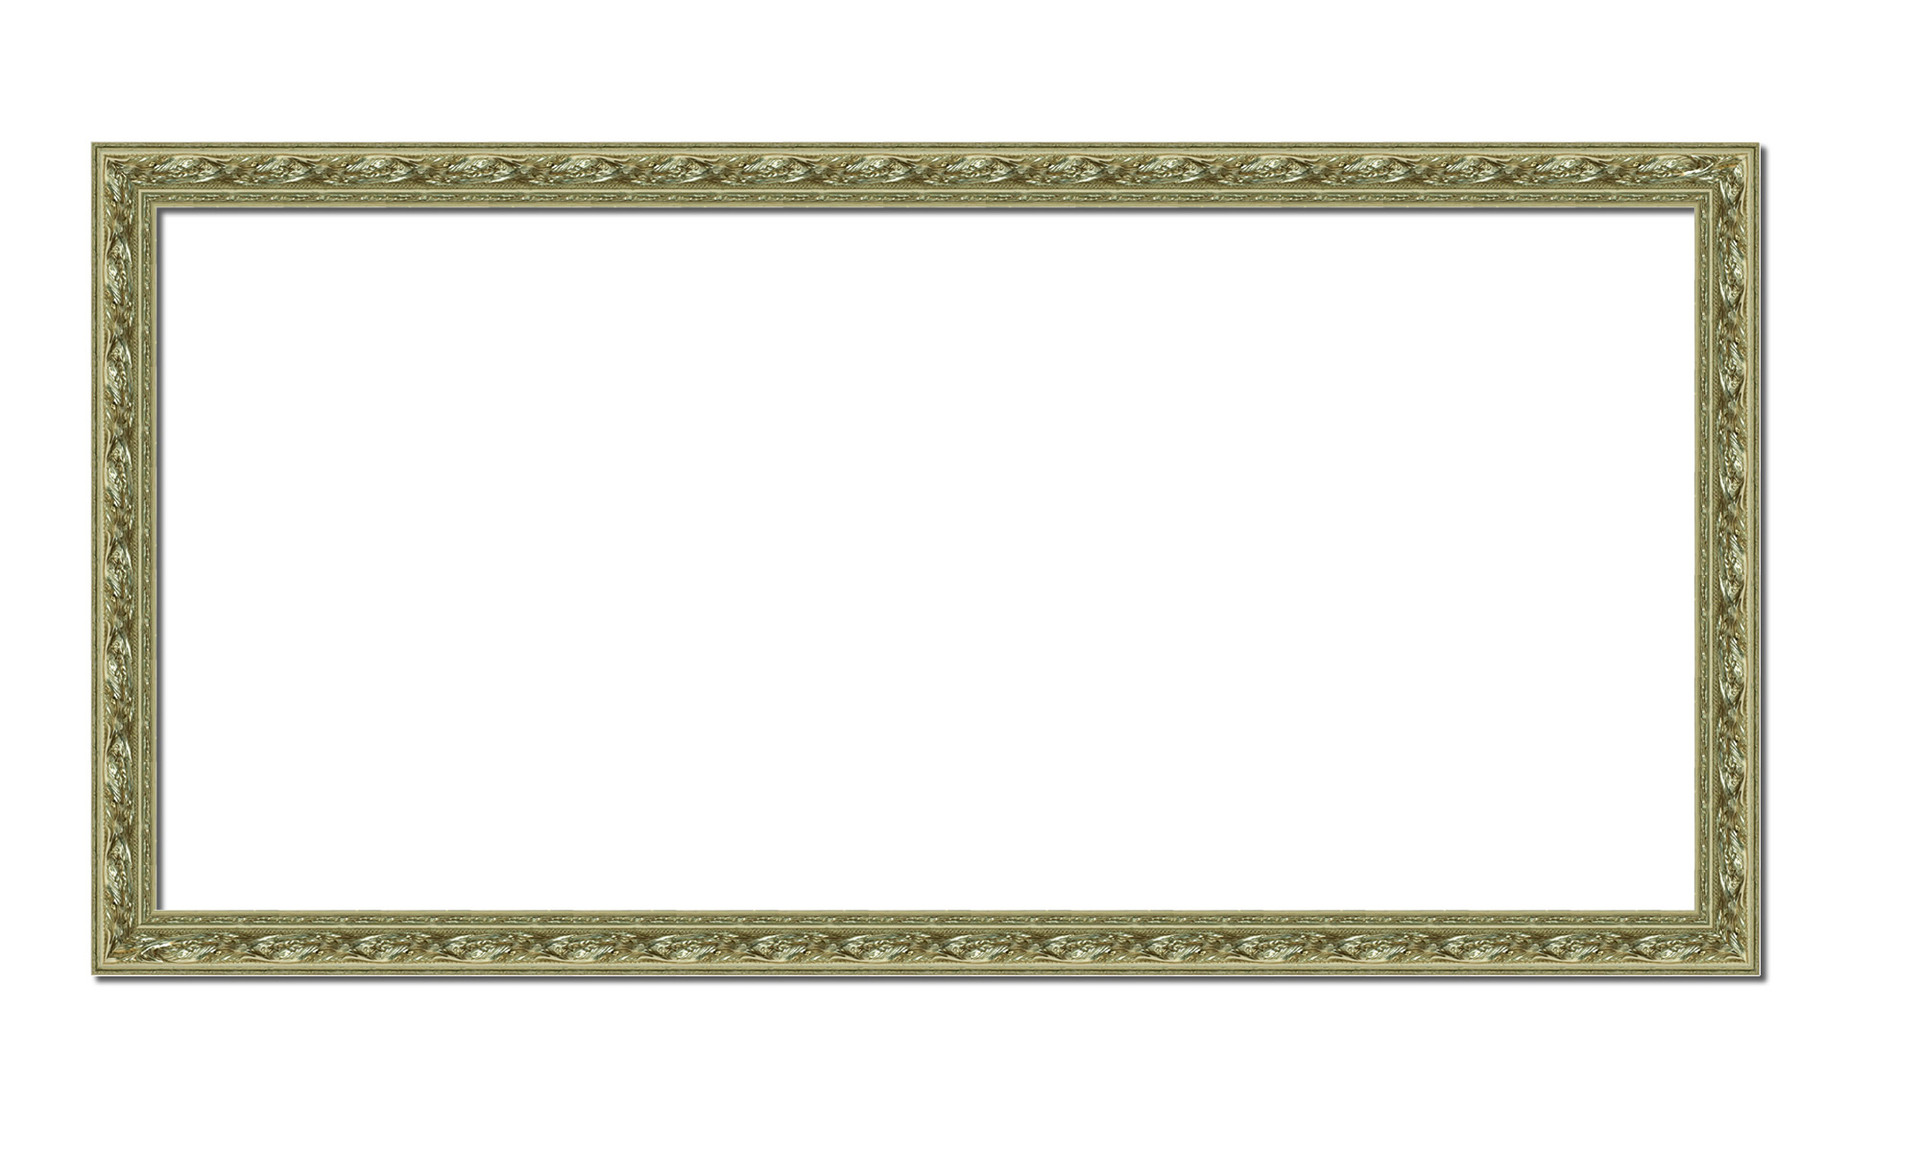 厂家1件起定制批发直销 银色 实木 画框 1471-2YK 95x55